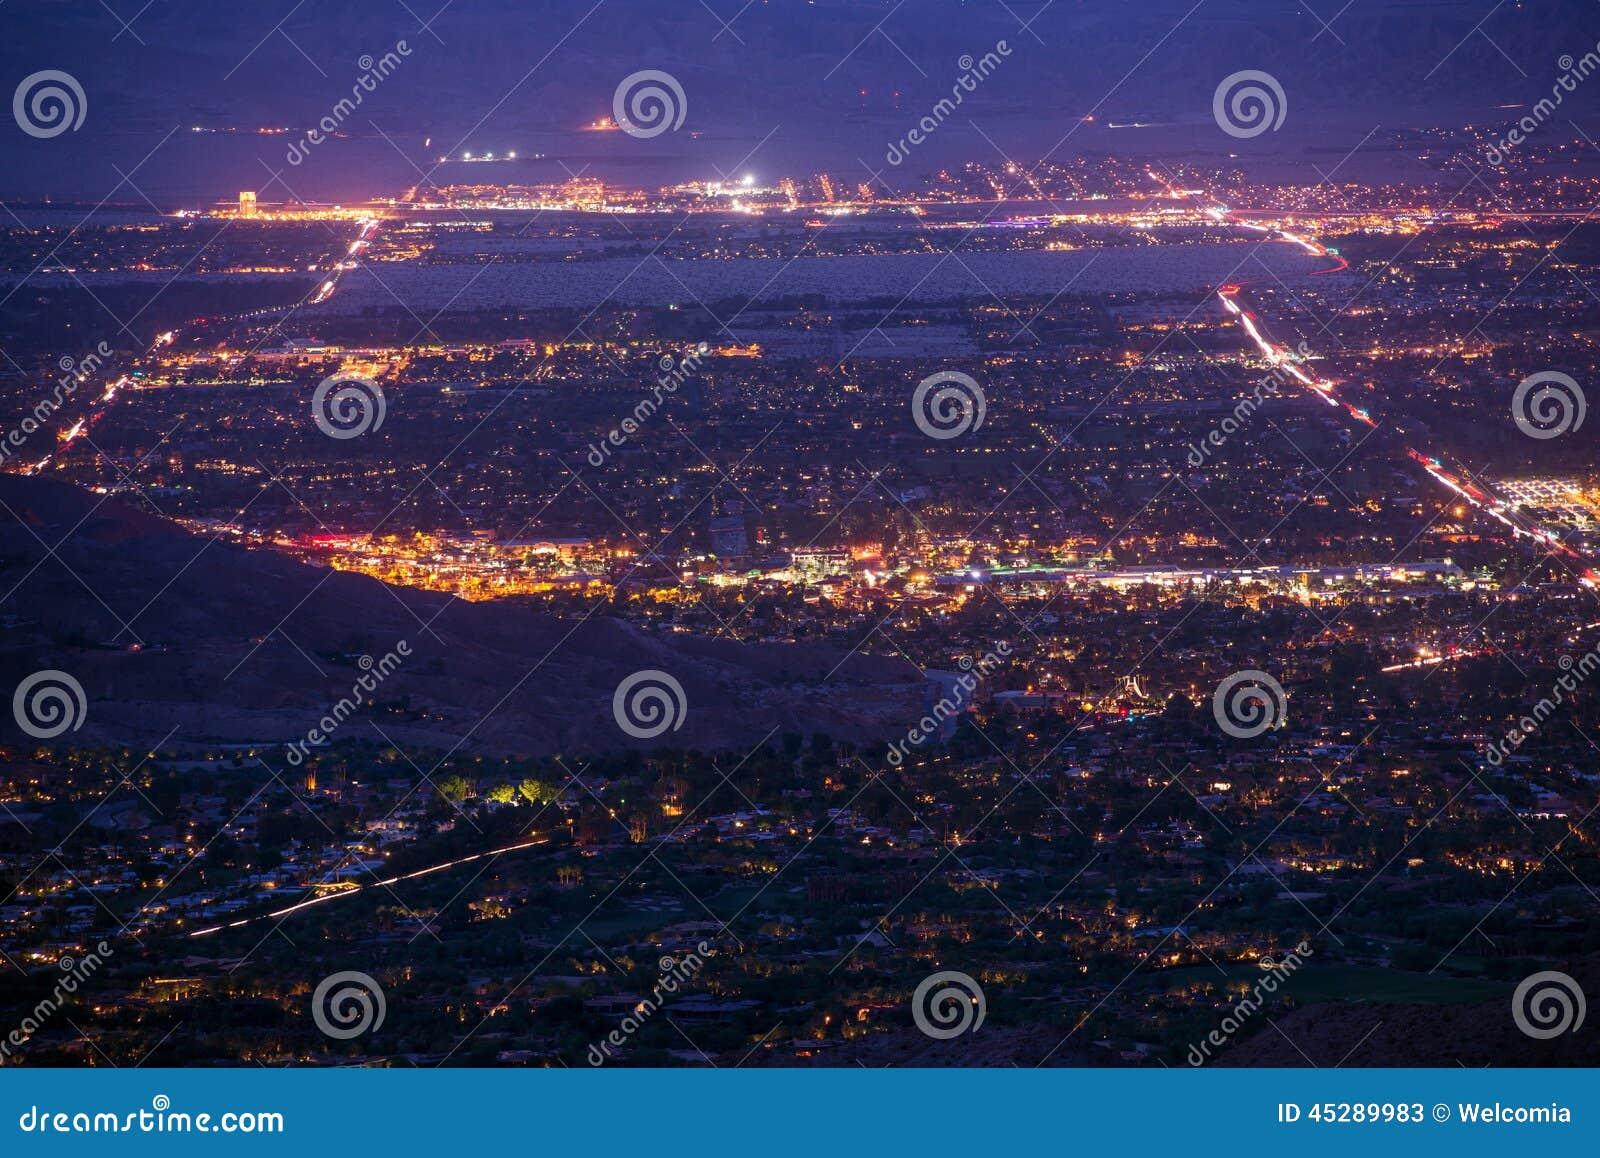 Palm- Desertnachtpanorama stockbild. Bild von straßen - 45289983